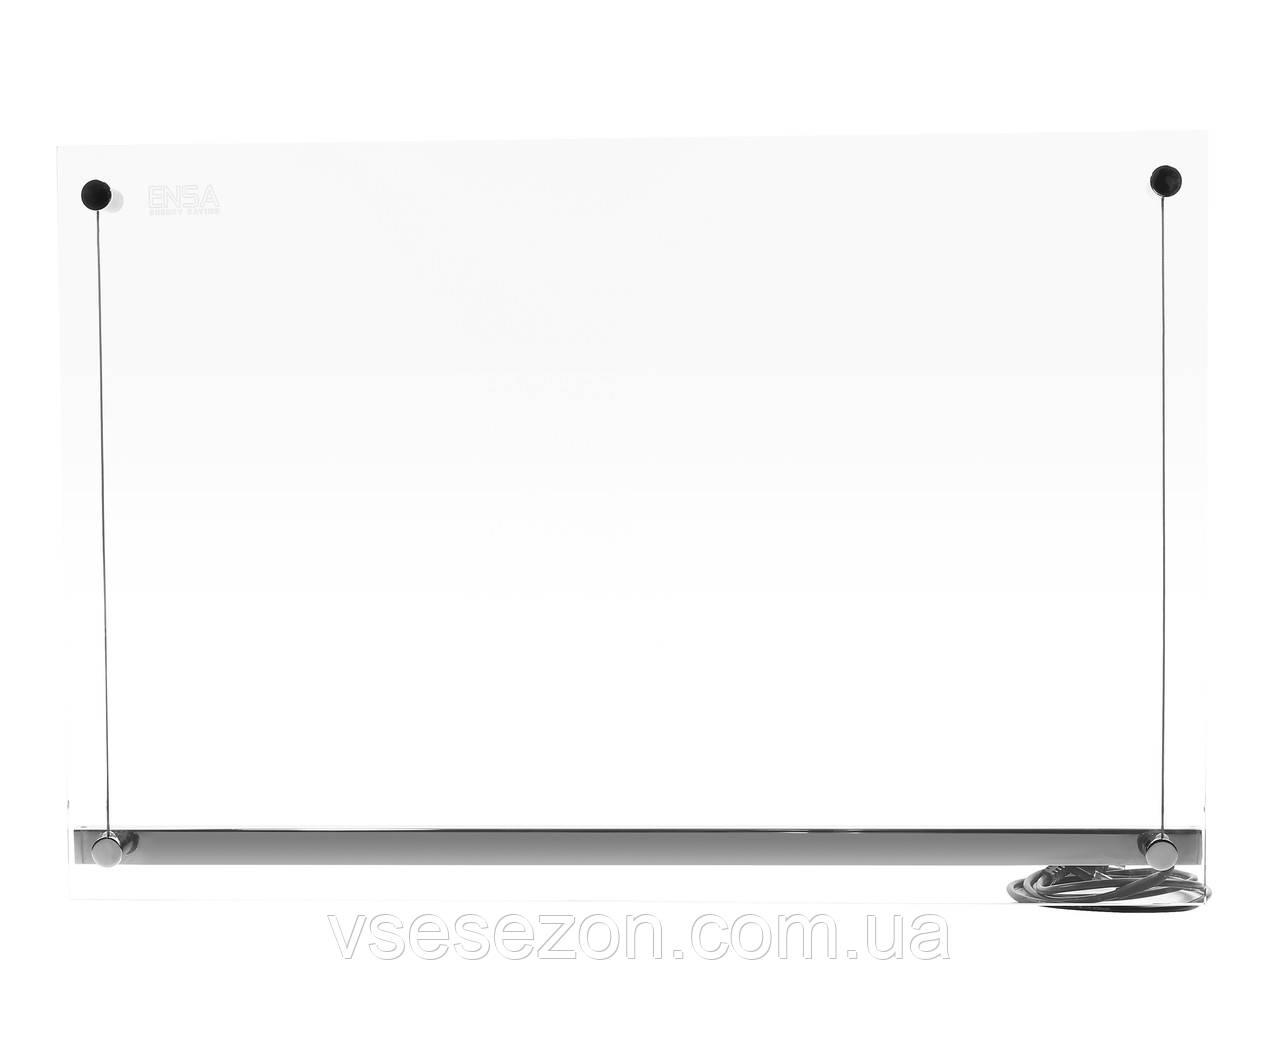 Конвектор обогреватель ENSA P750G-VISIO (стеклянный)